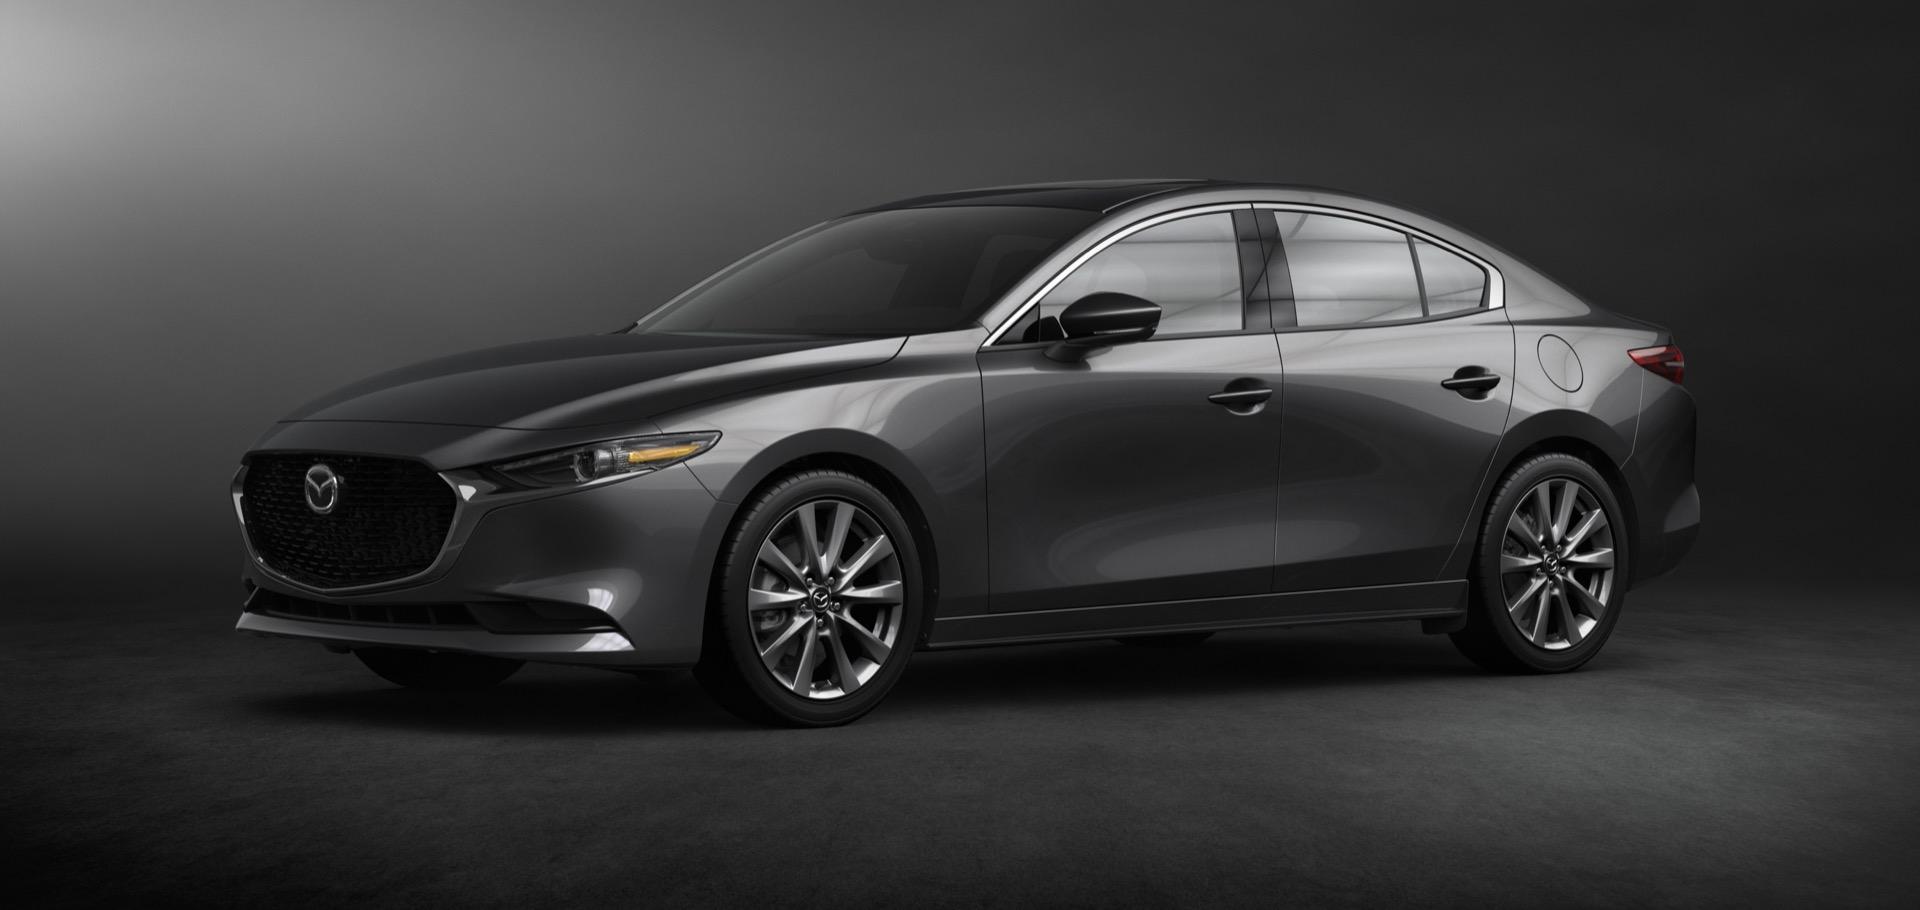 Kelebihan Mazda 3 2019 Perbandingan Harga